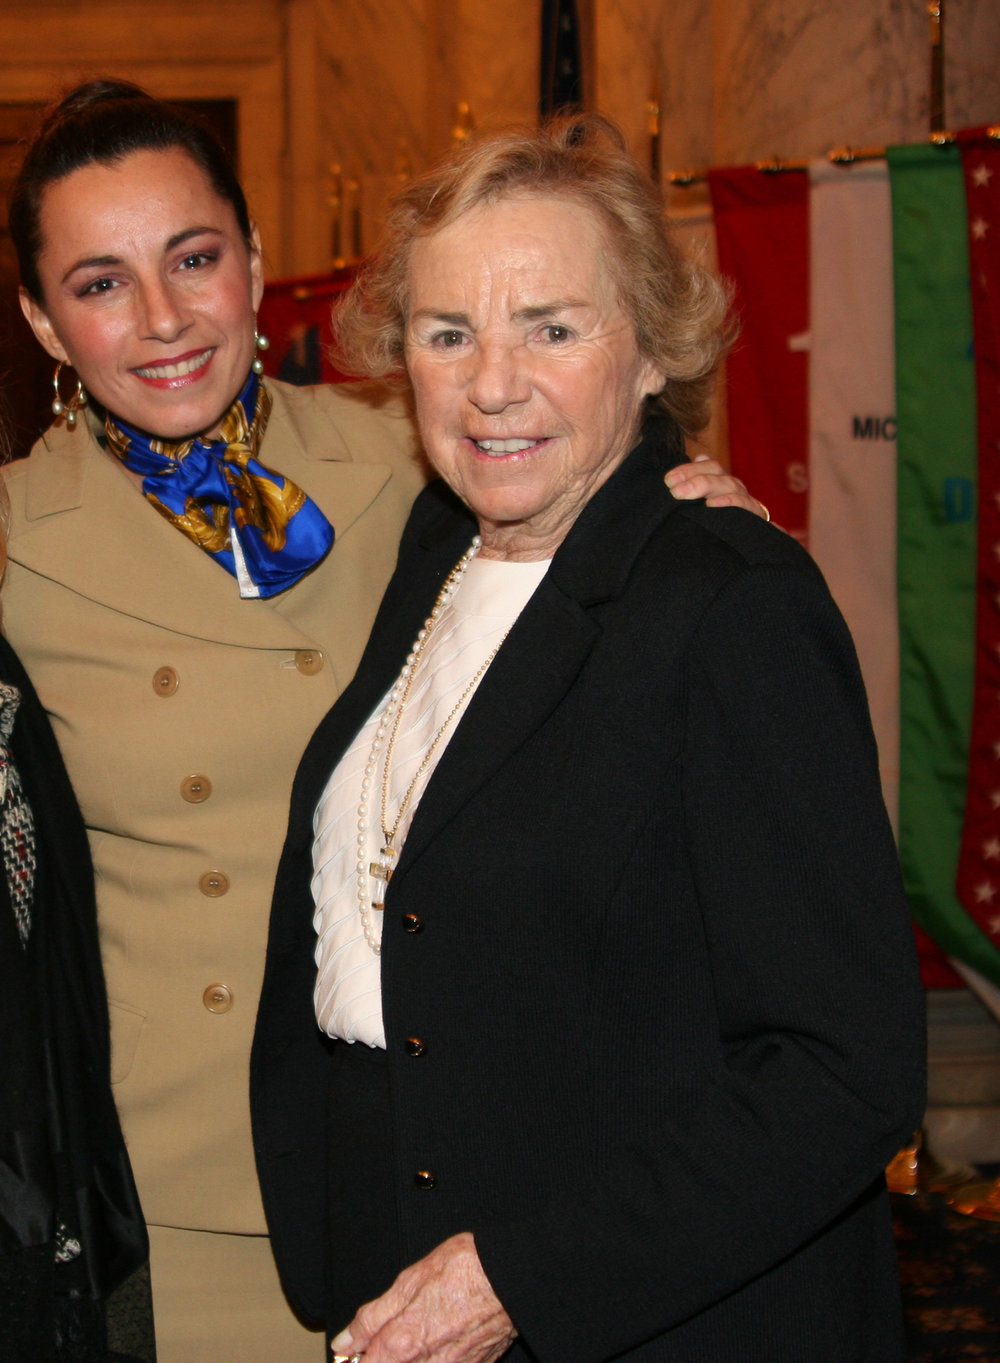 Ethel Kennedy_Selma Fonseca.JPG